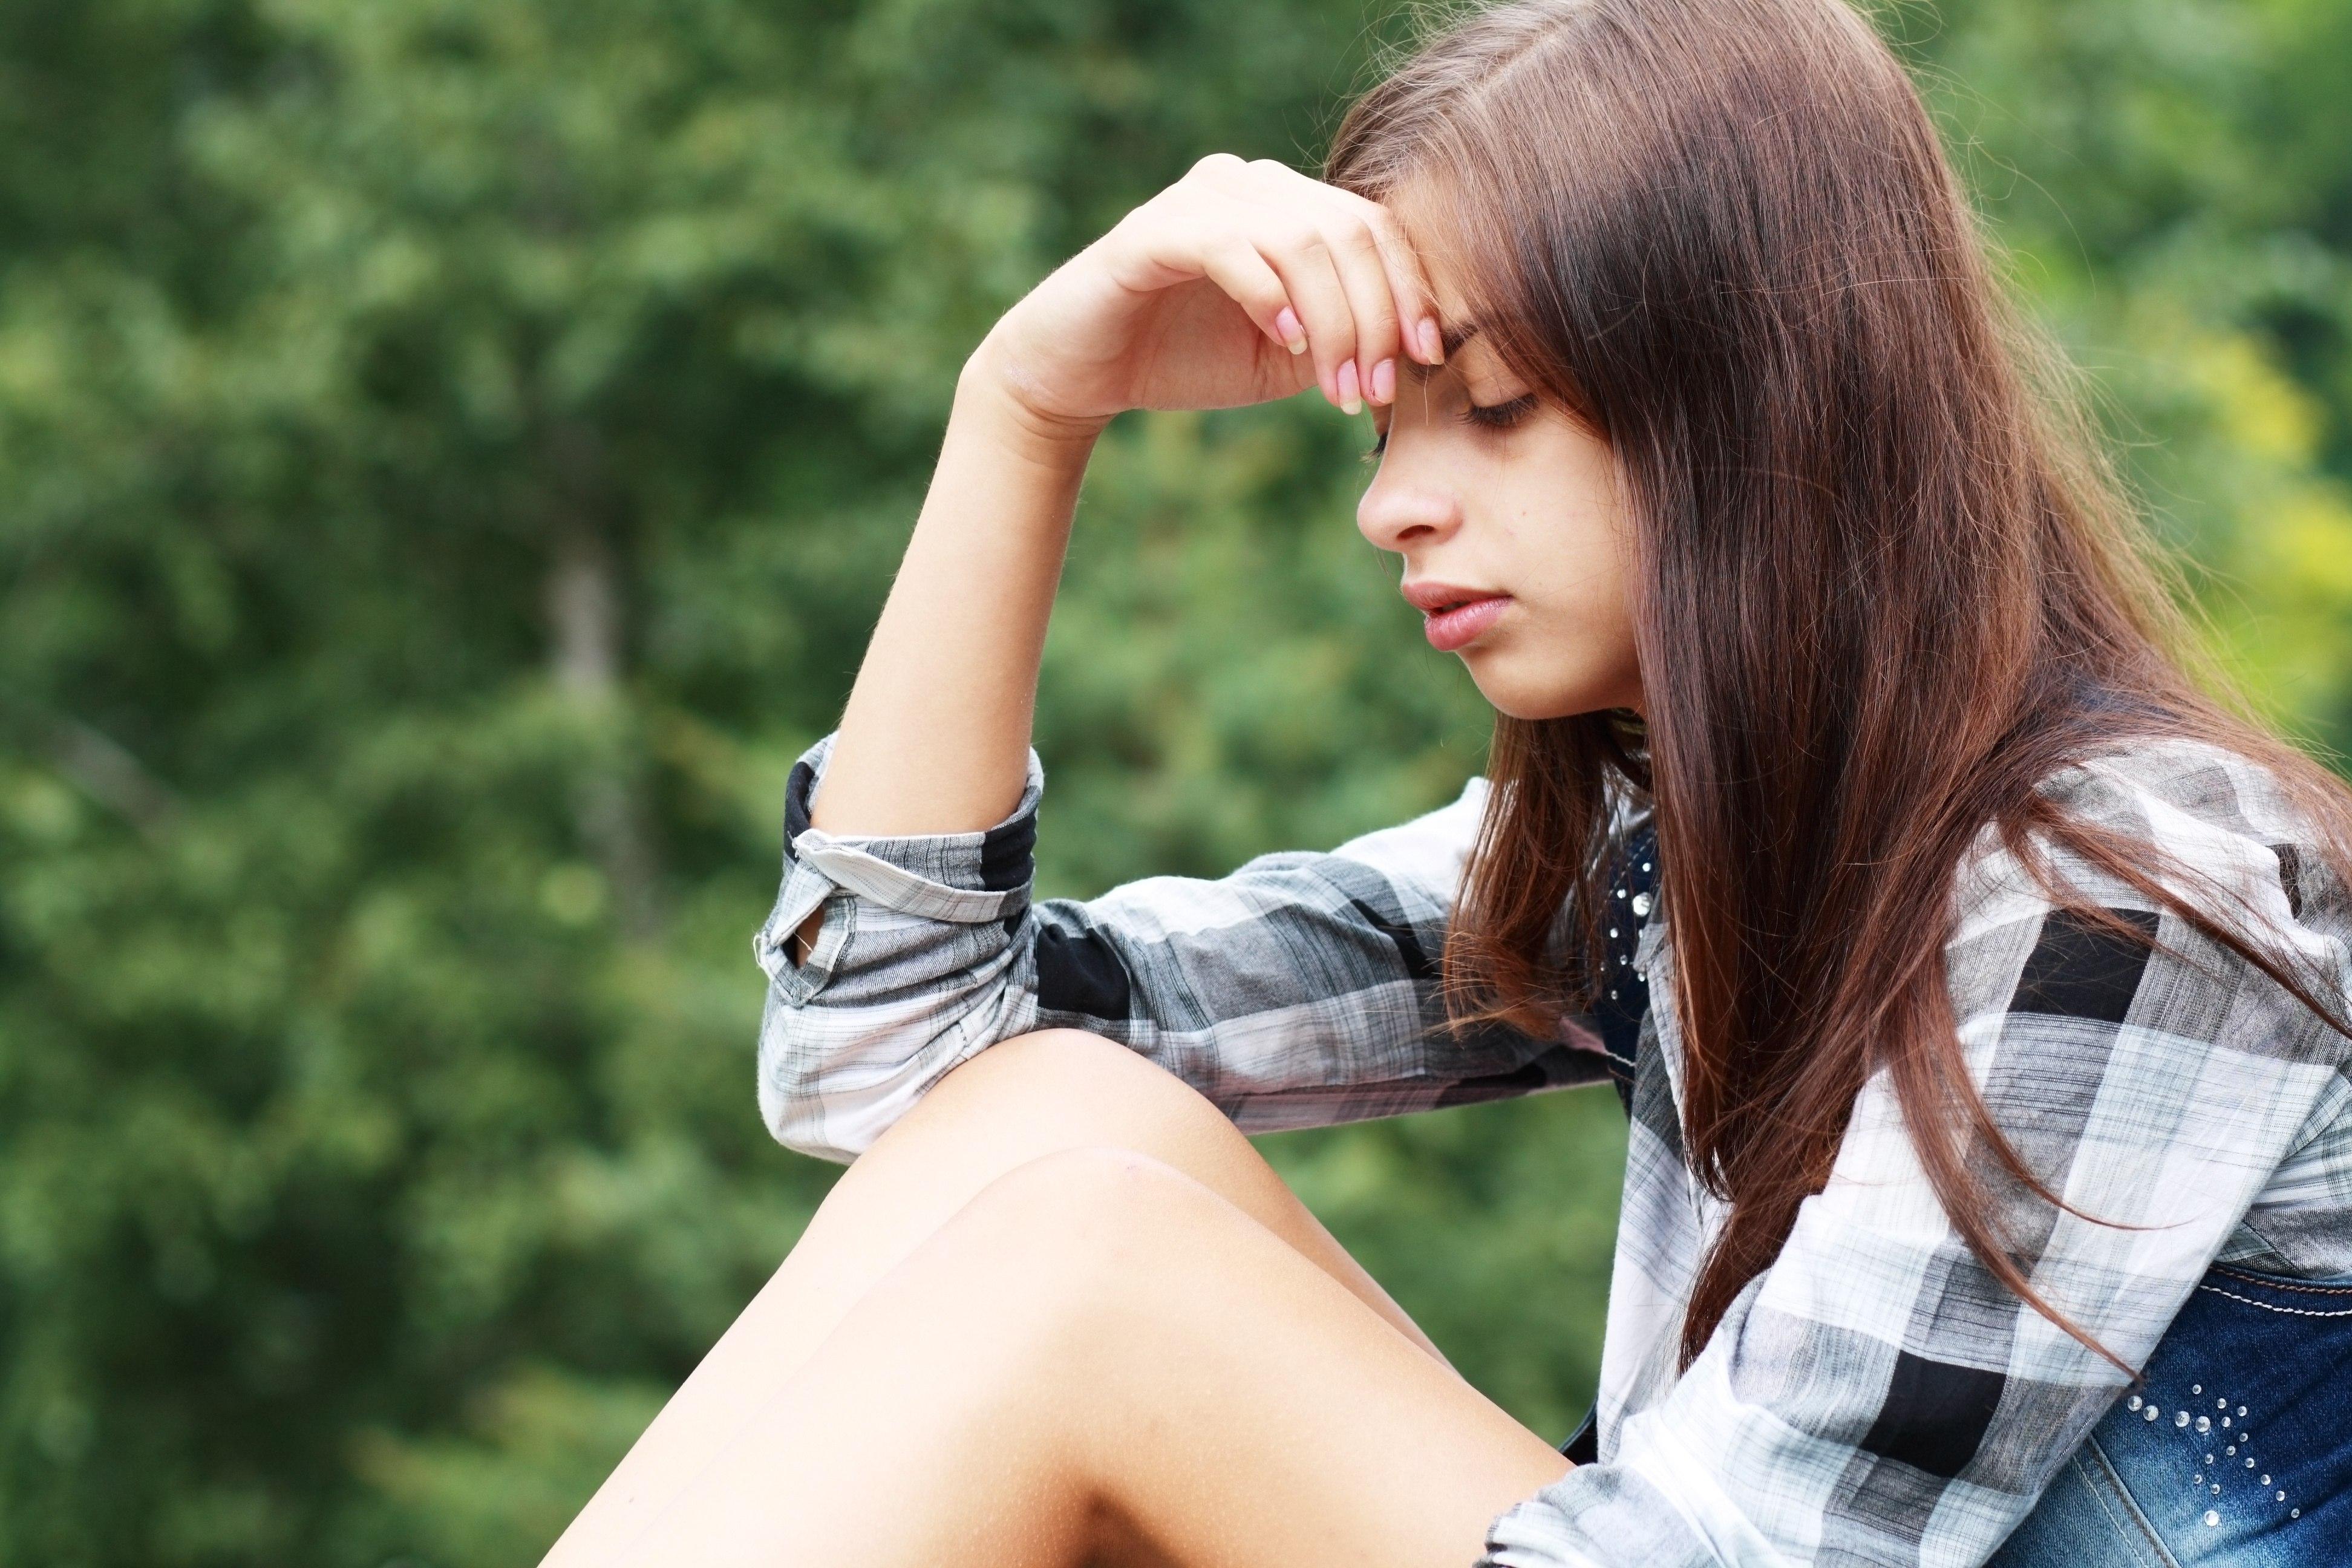 Sad Teenage Girl Quotes Quotesgram-4893